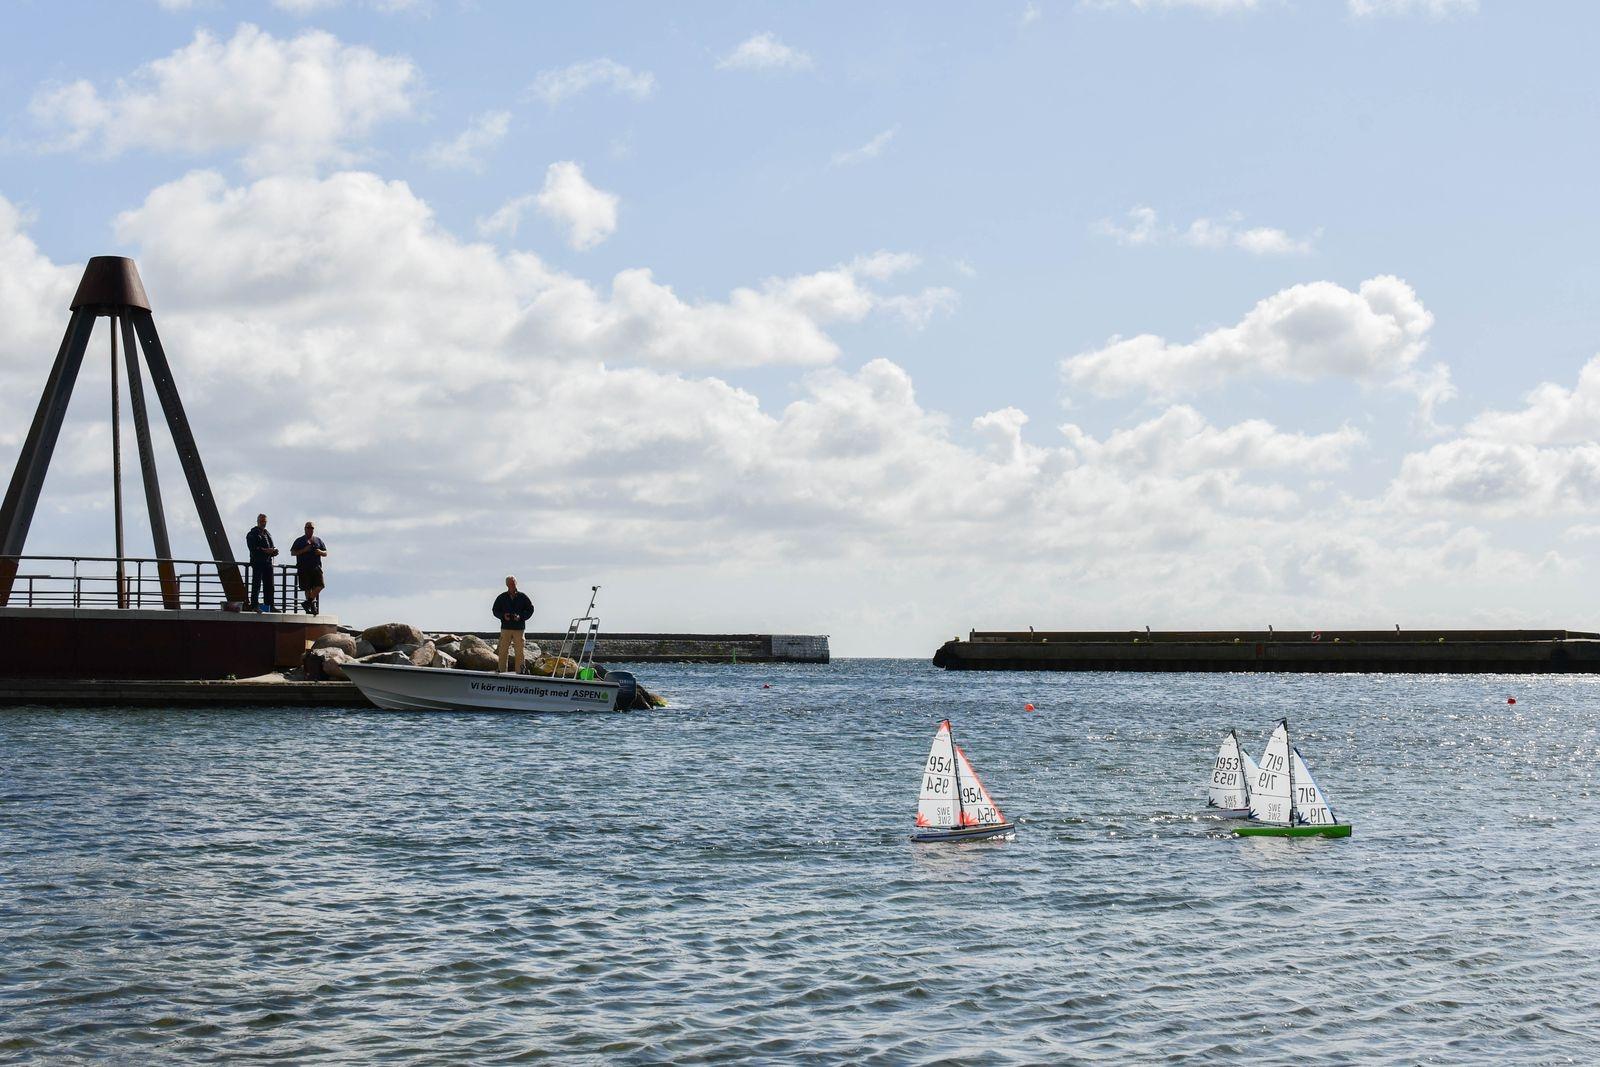 När seglarskolan tar paus passar Lars-Gustav Dahl, Jan Sölve och Christer Andersson på att sjösätta sina DF 65 modellbåtar.